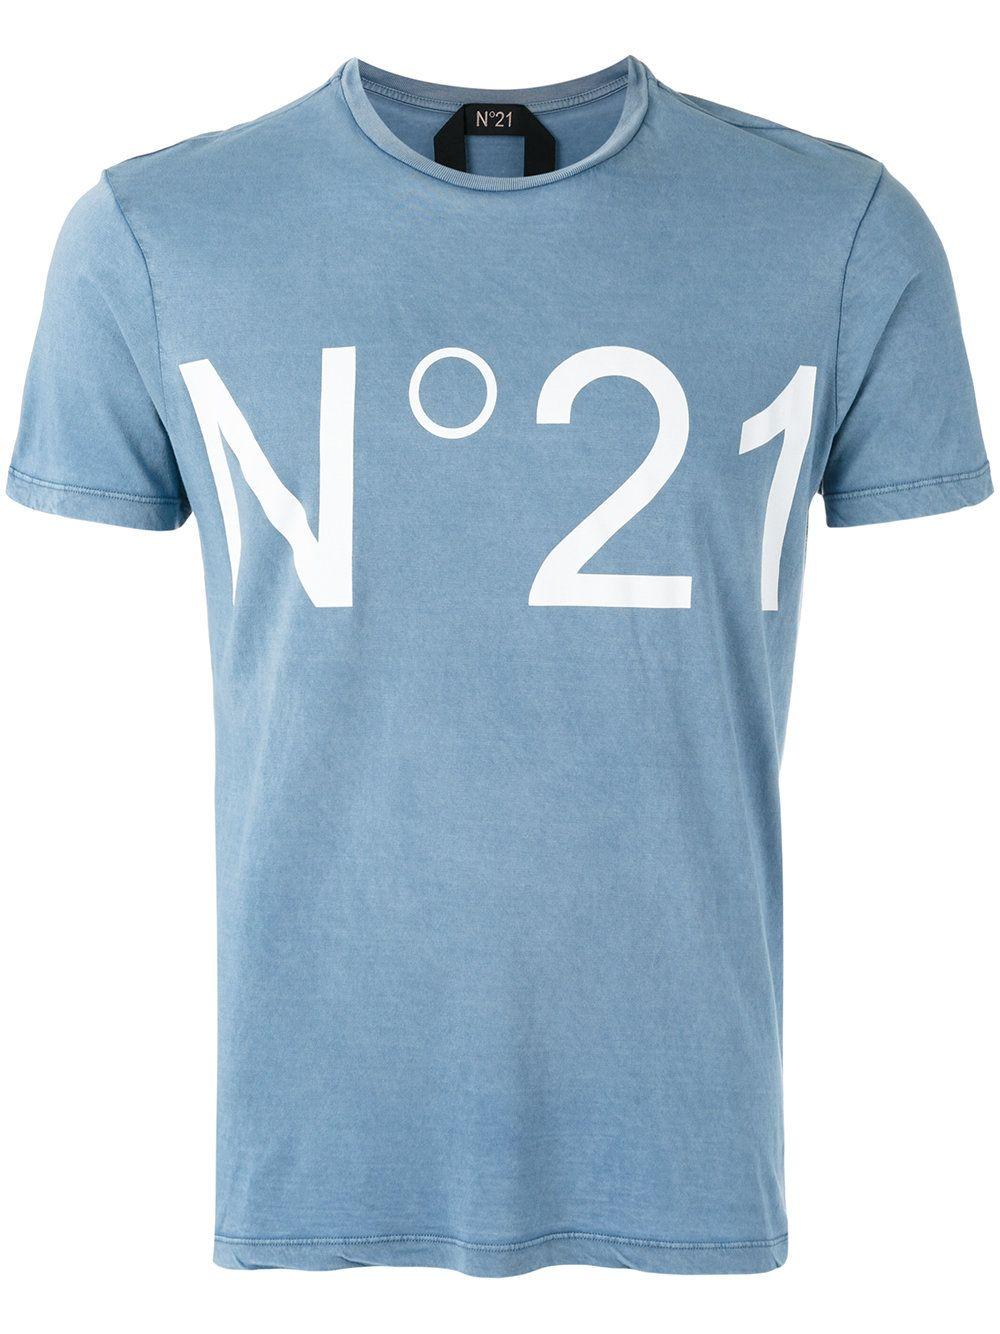 N.21 Tee